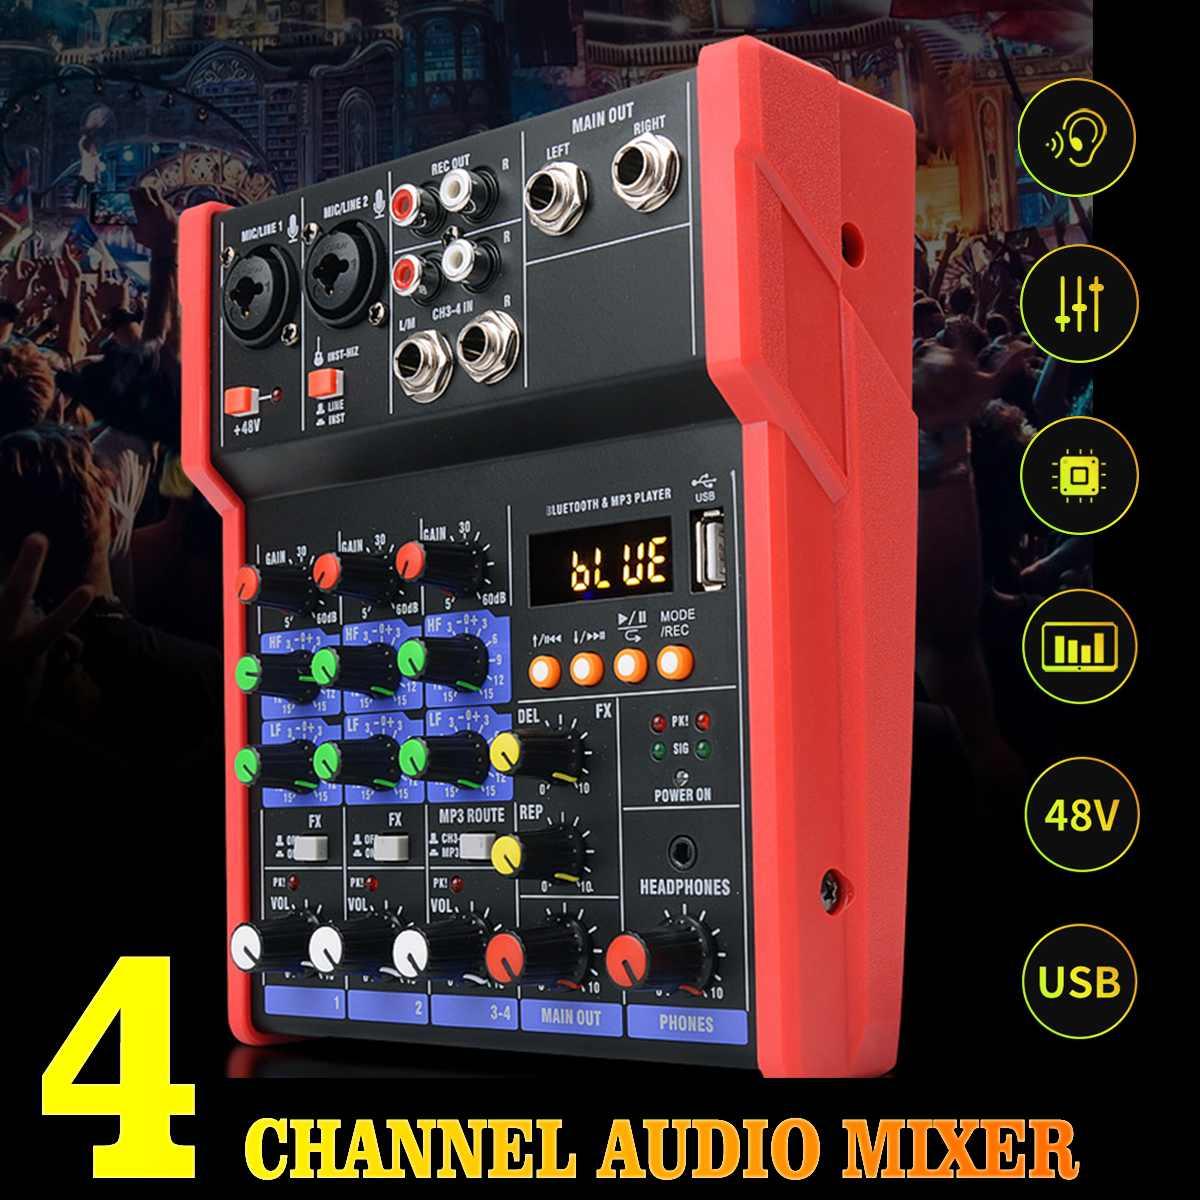 CLAITE 4 канала Портативный аудио караоке микшер/плееров, Bluetooth USB DJ микшерная консоль MP3 Джек 48V усилитель для KTV Вечерние